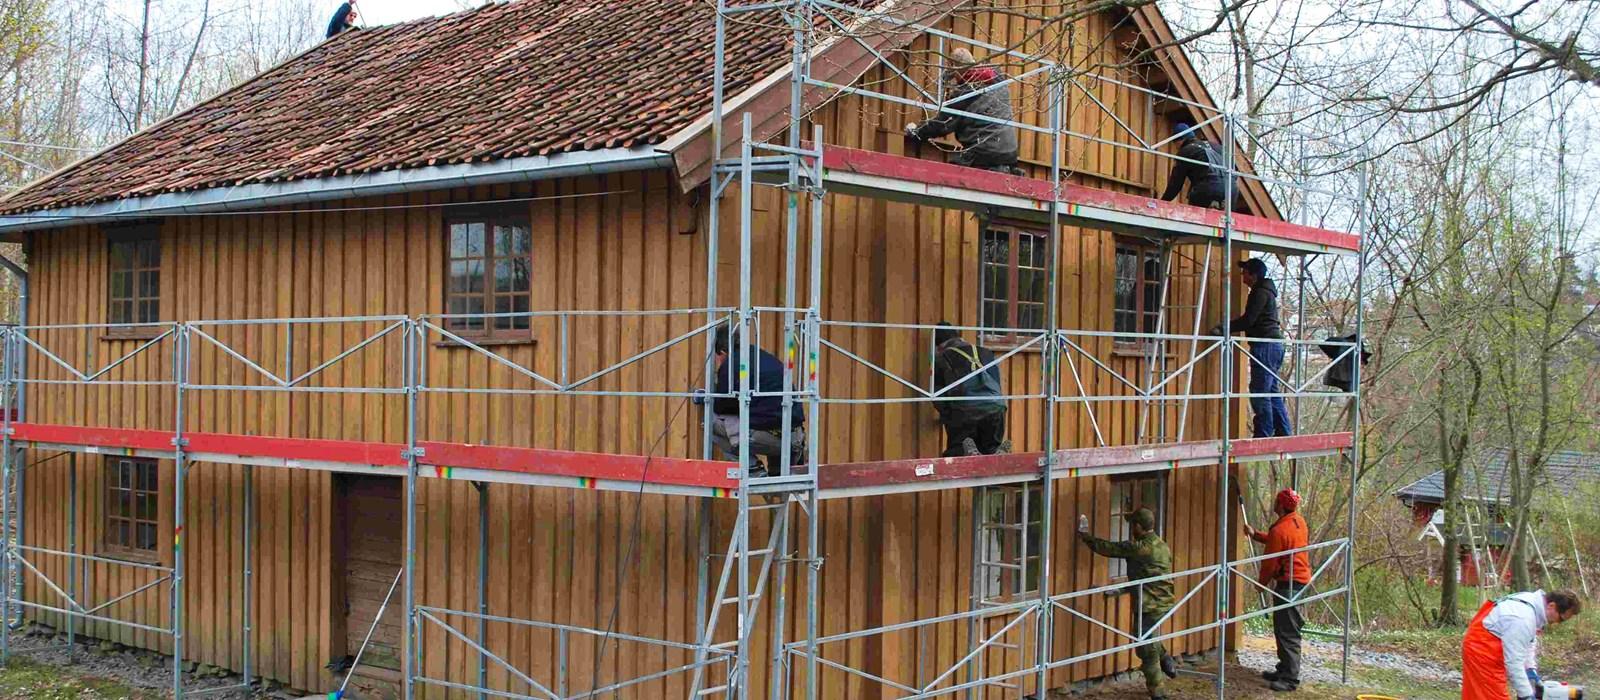 148462a8 Malingsfjerning på utvendig panel - Bygg og Bevar